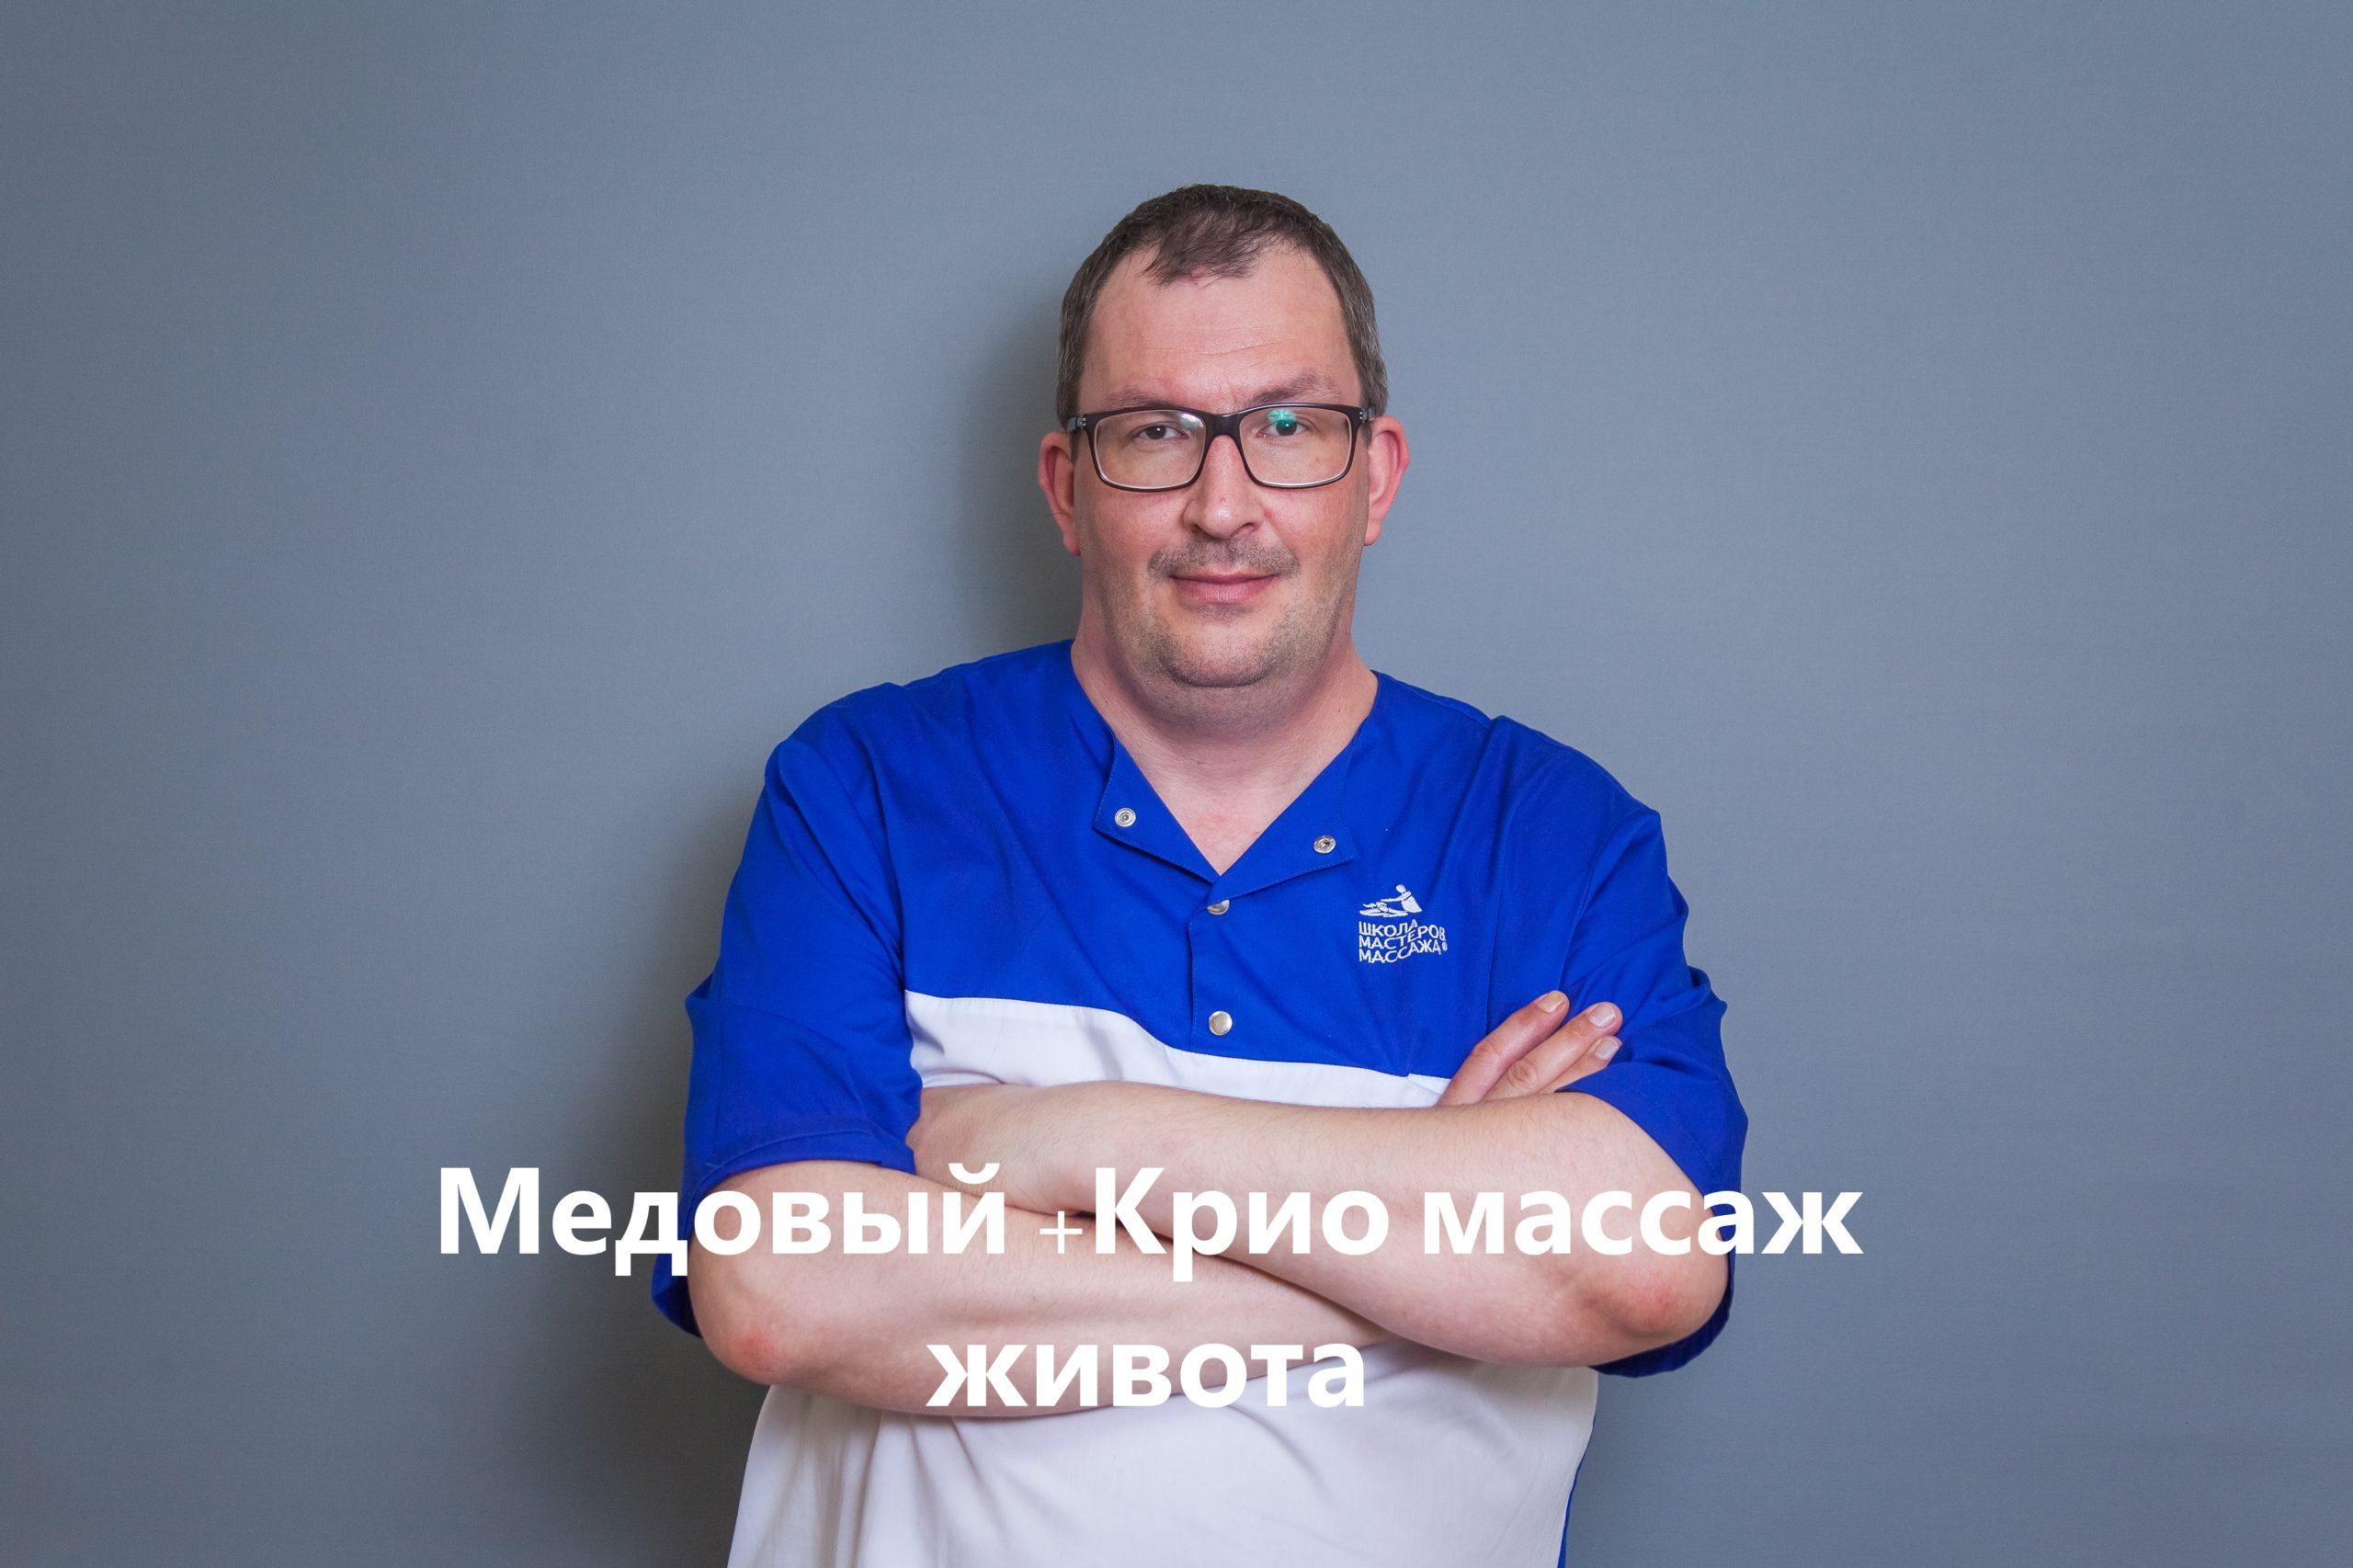 Медовый +Крио массаж живота